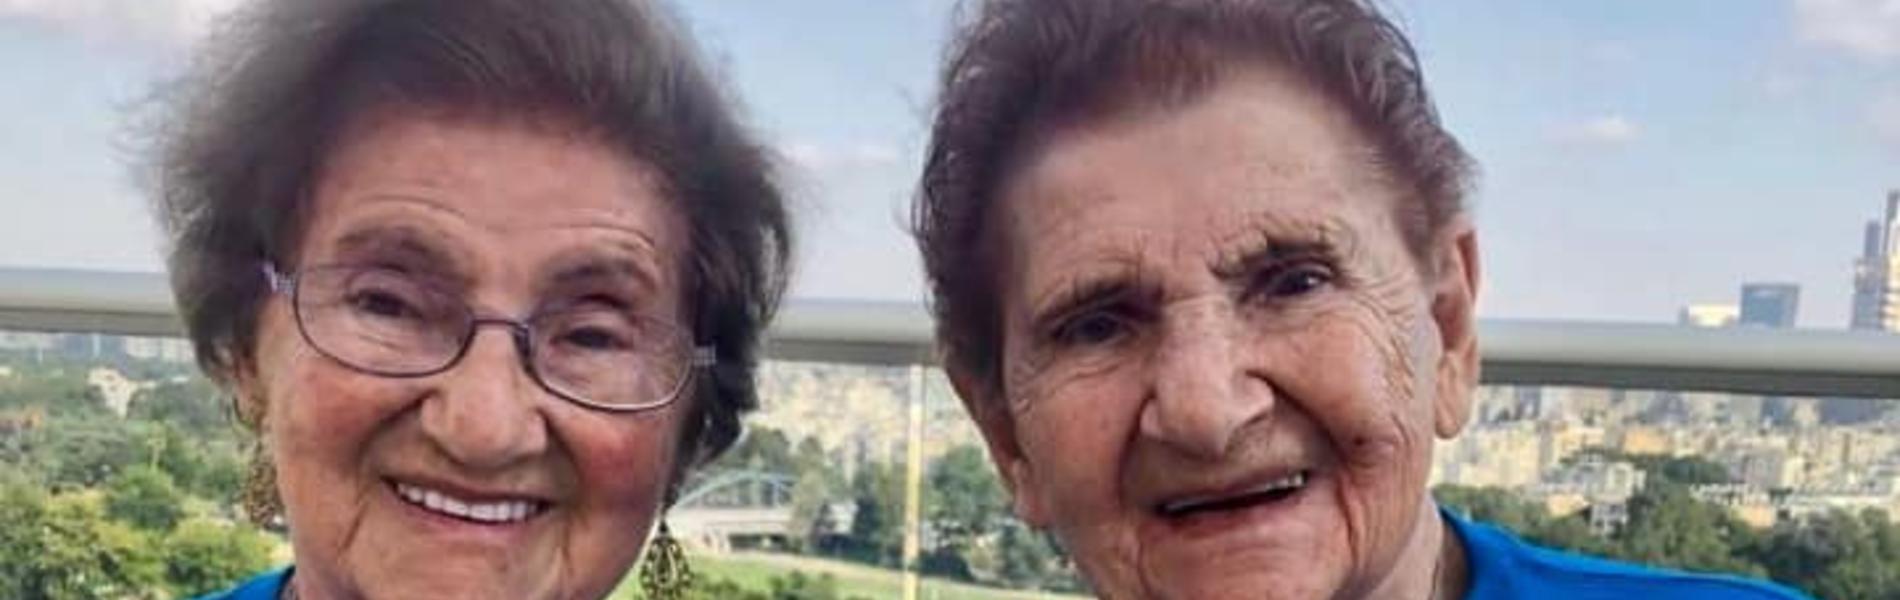 אסתר ויהודית: שרדו יחד את השואה וכעת חוגגות יחד יום הולדת 95